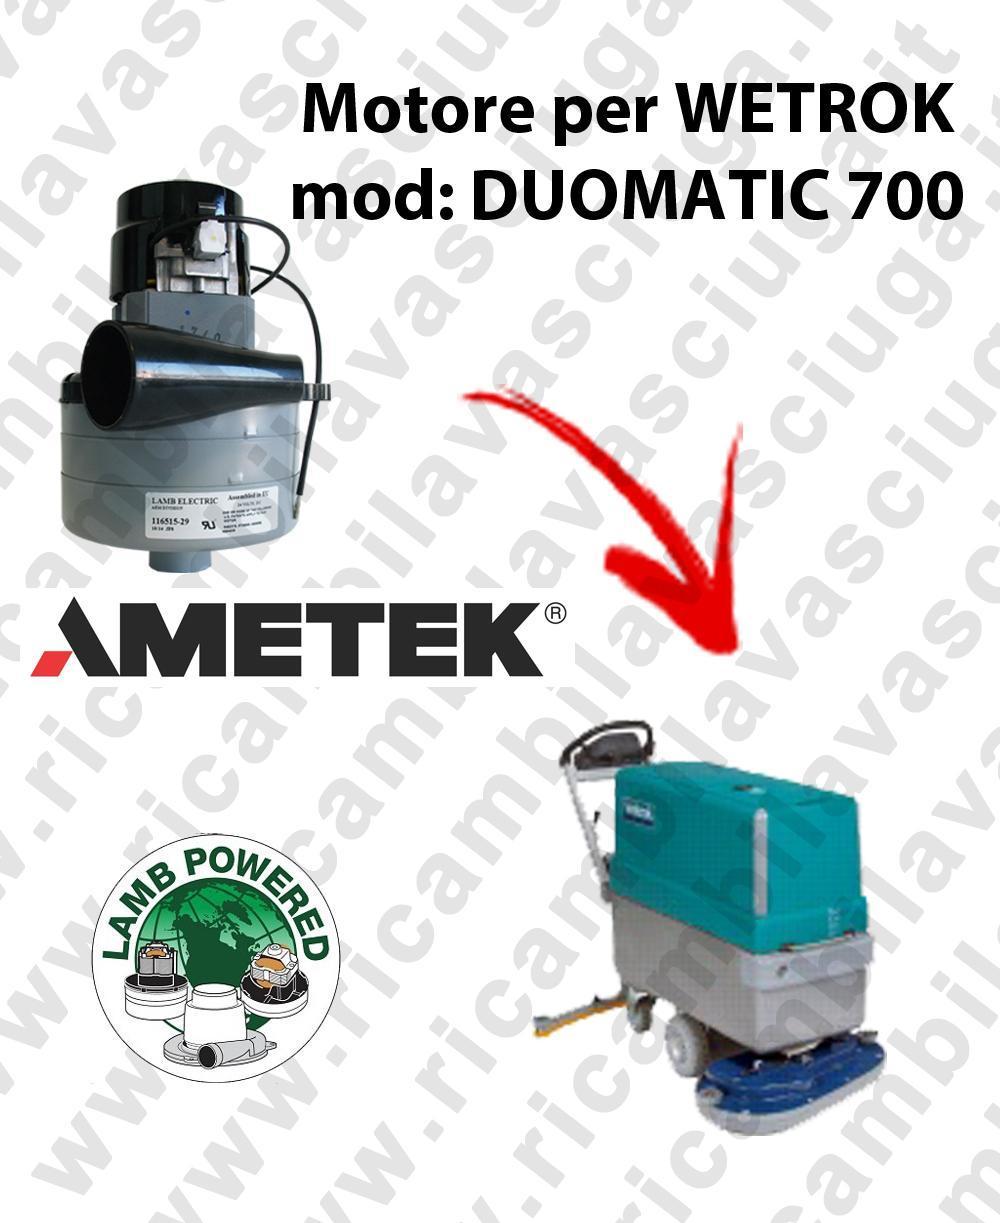 DUOMATIC 700 Motore de aspiración LAMB AMETEK para fregadora WETROK